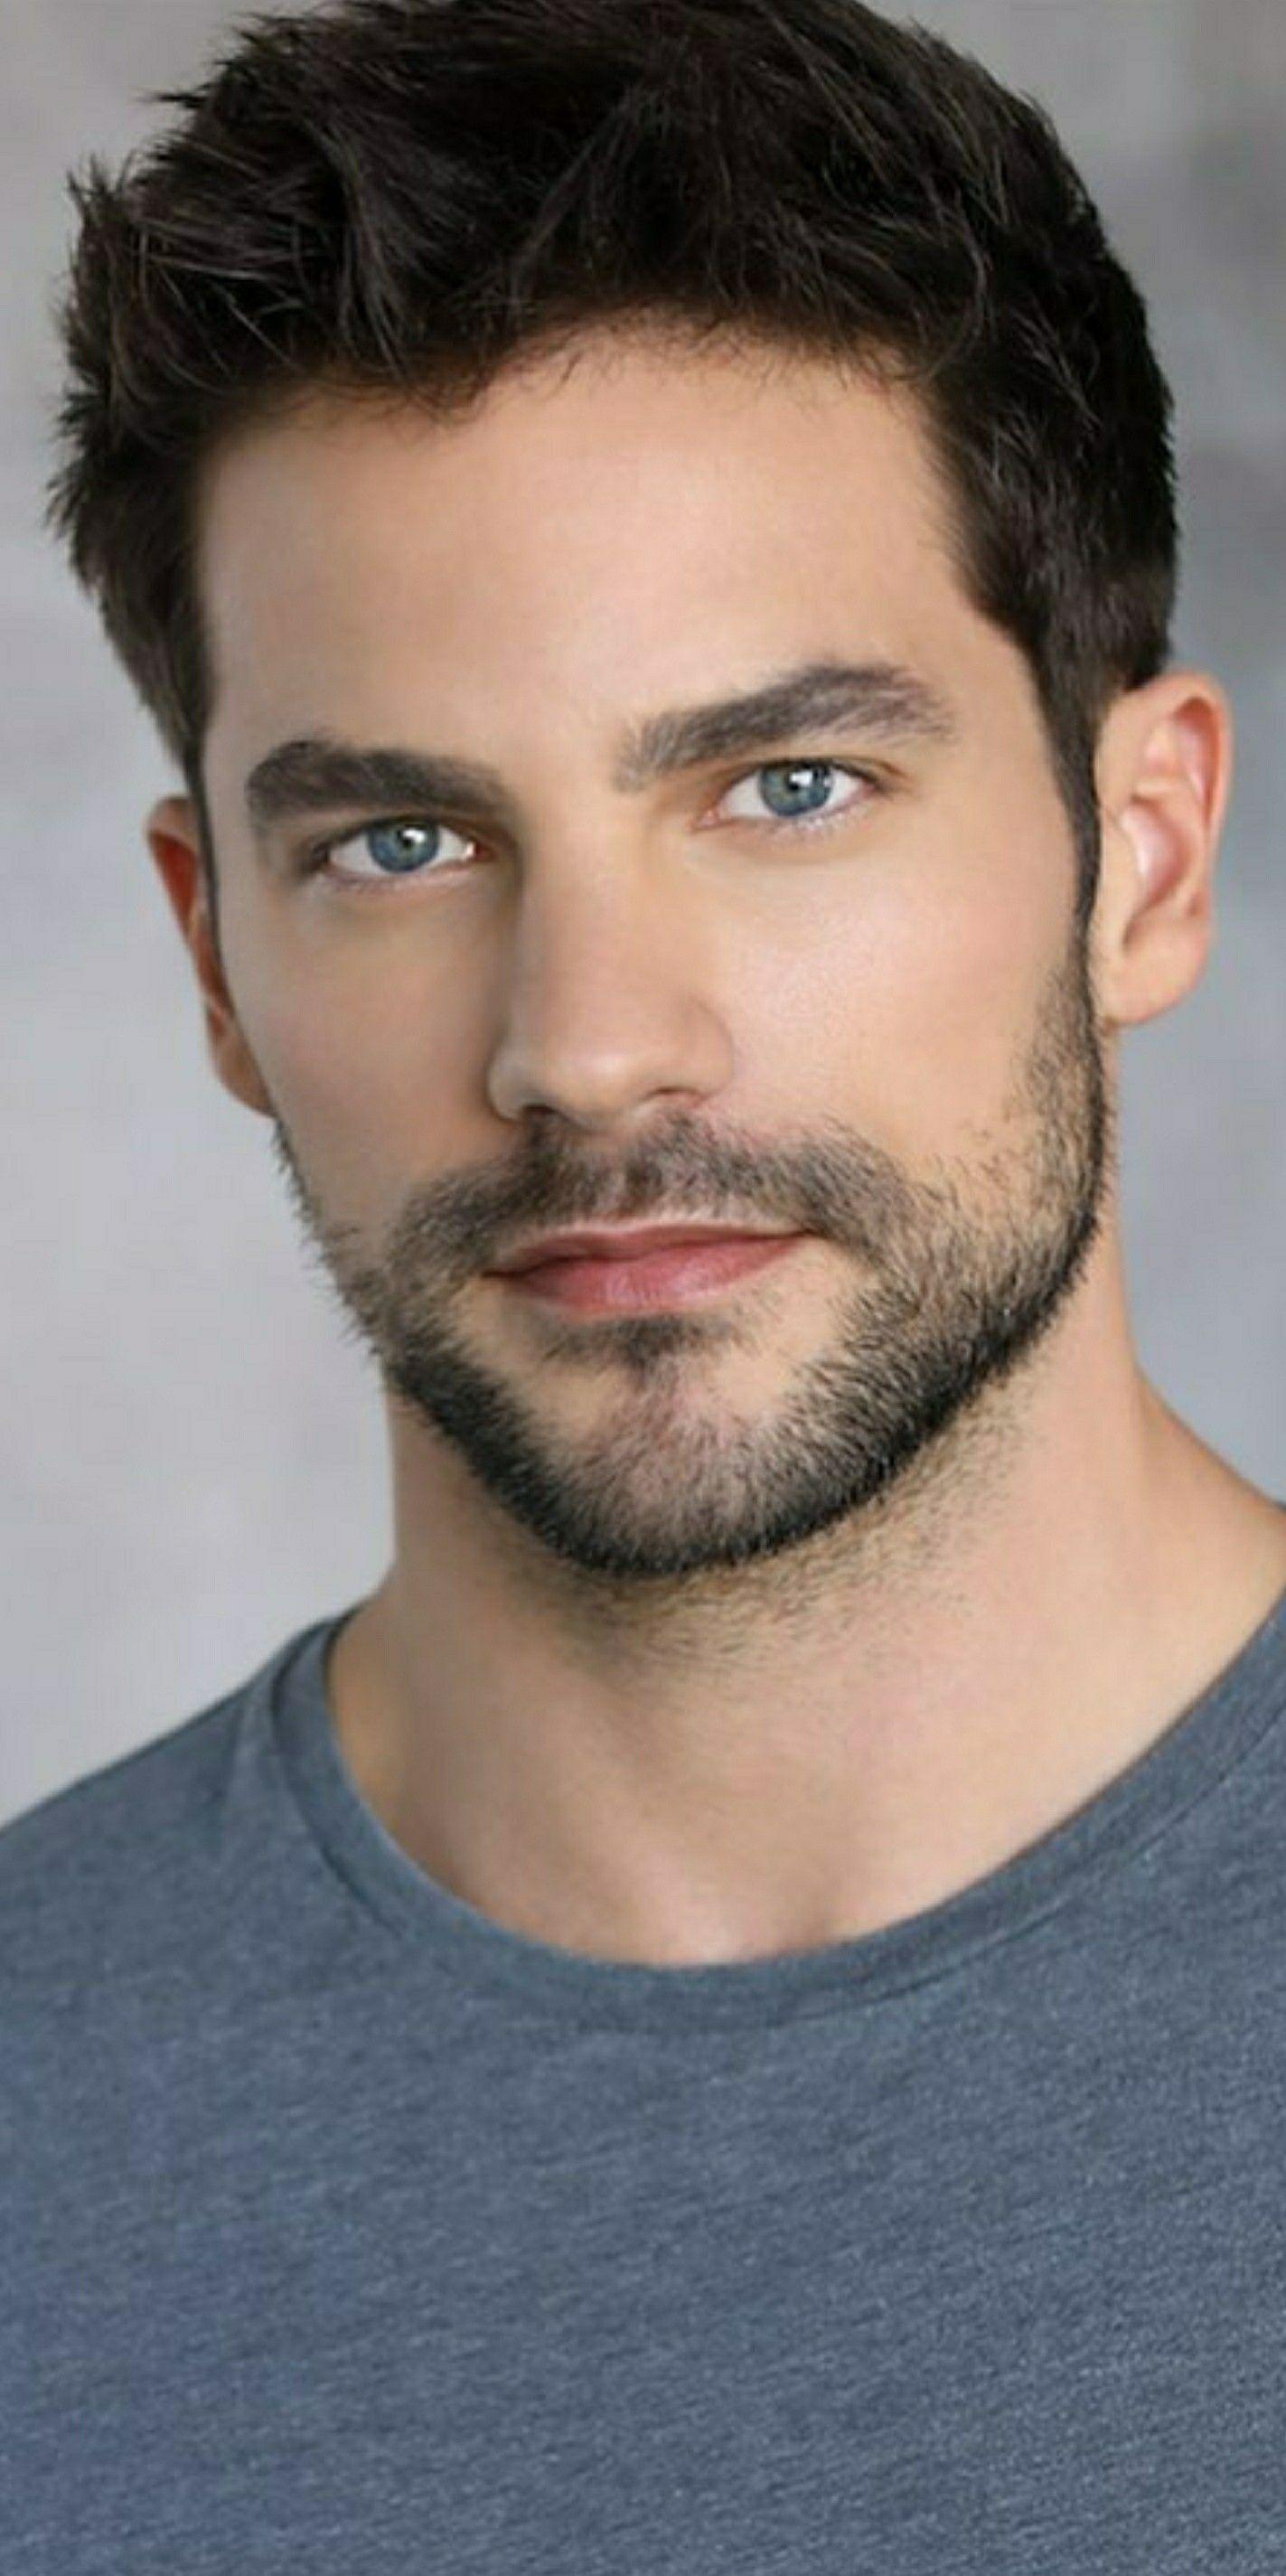 Stubble beard for men with blue eyes hírességek pinterest